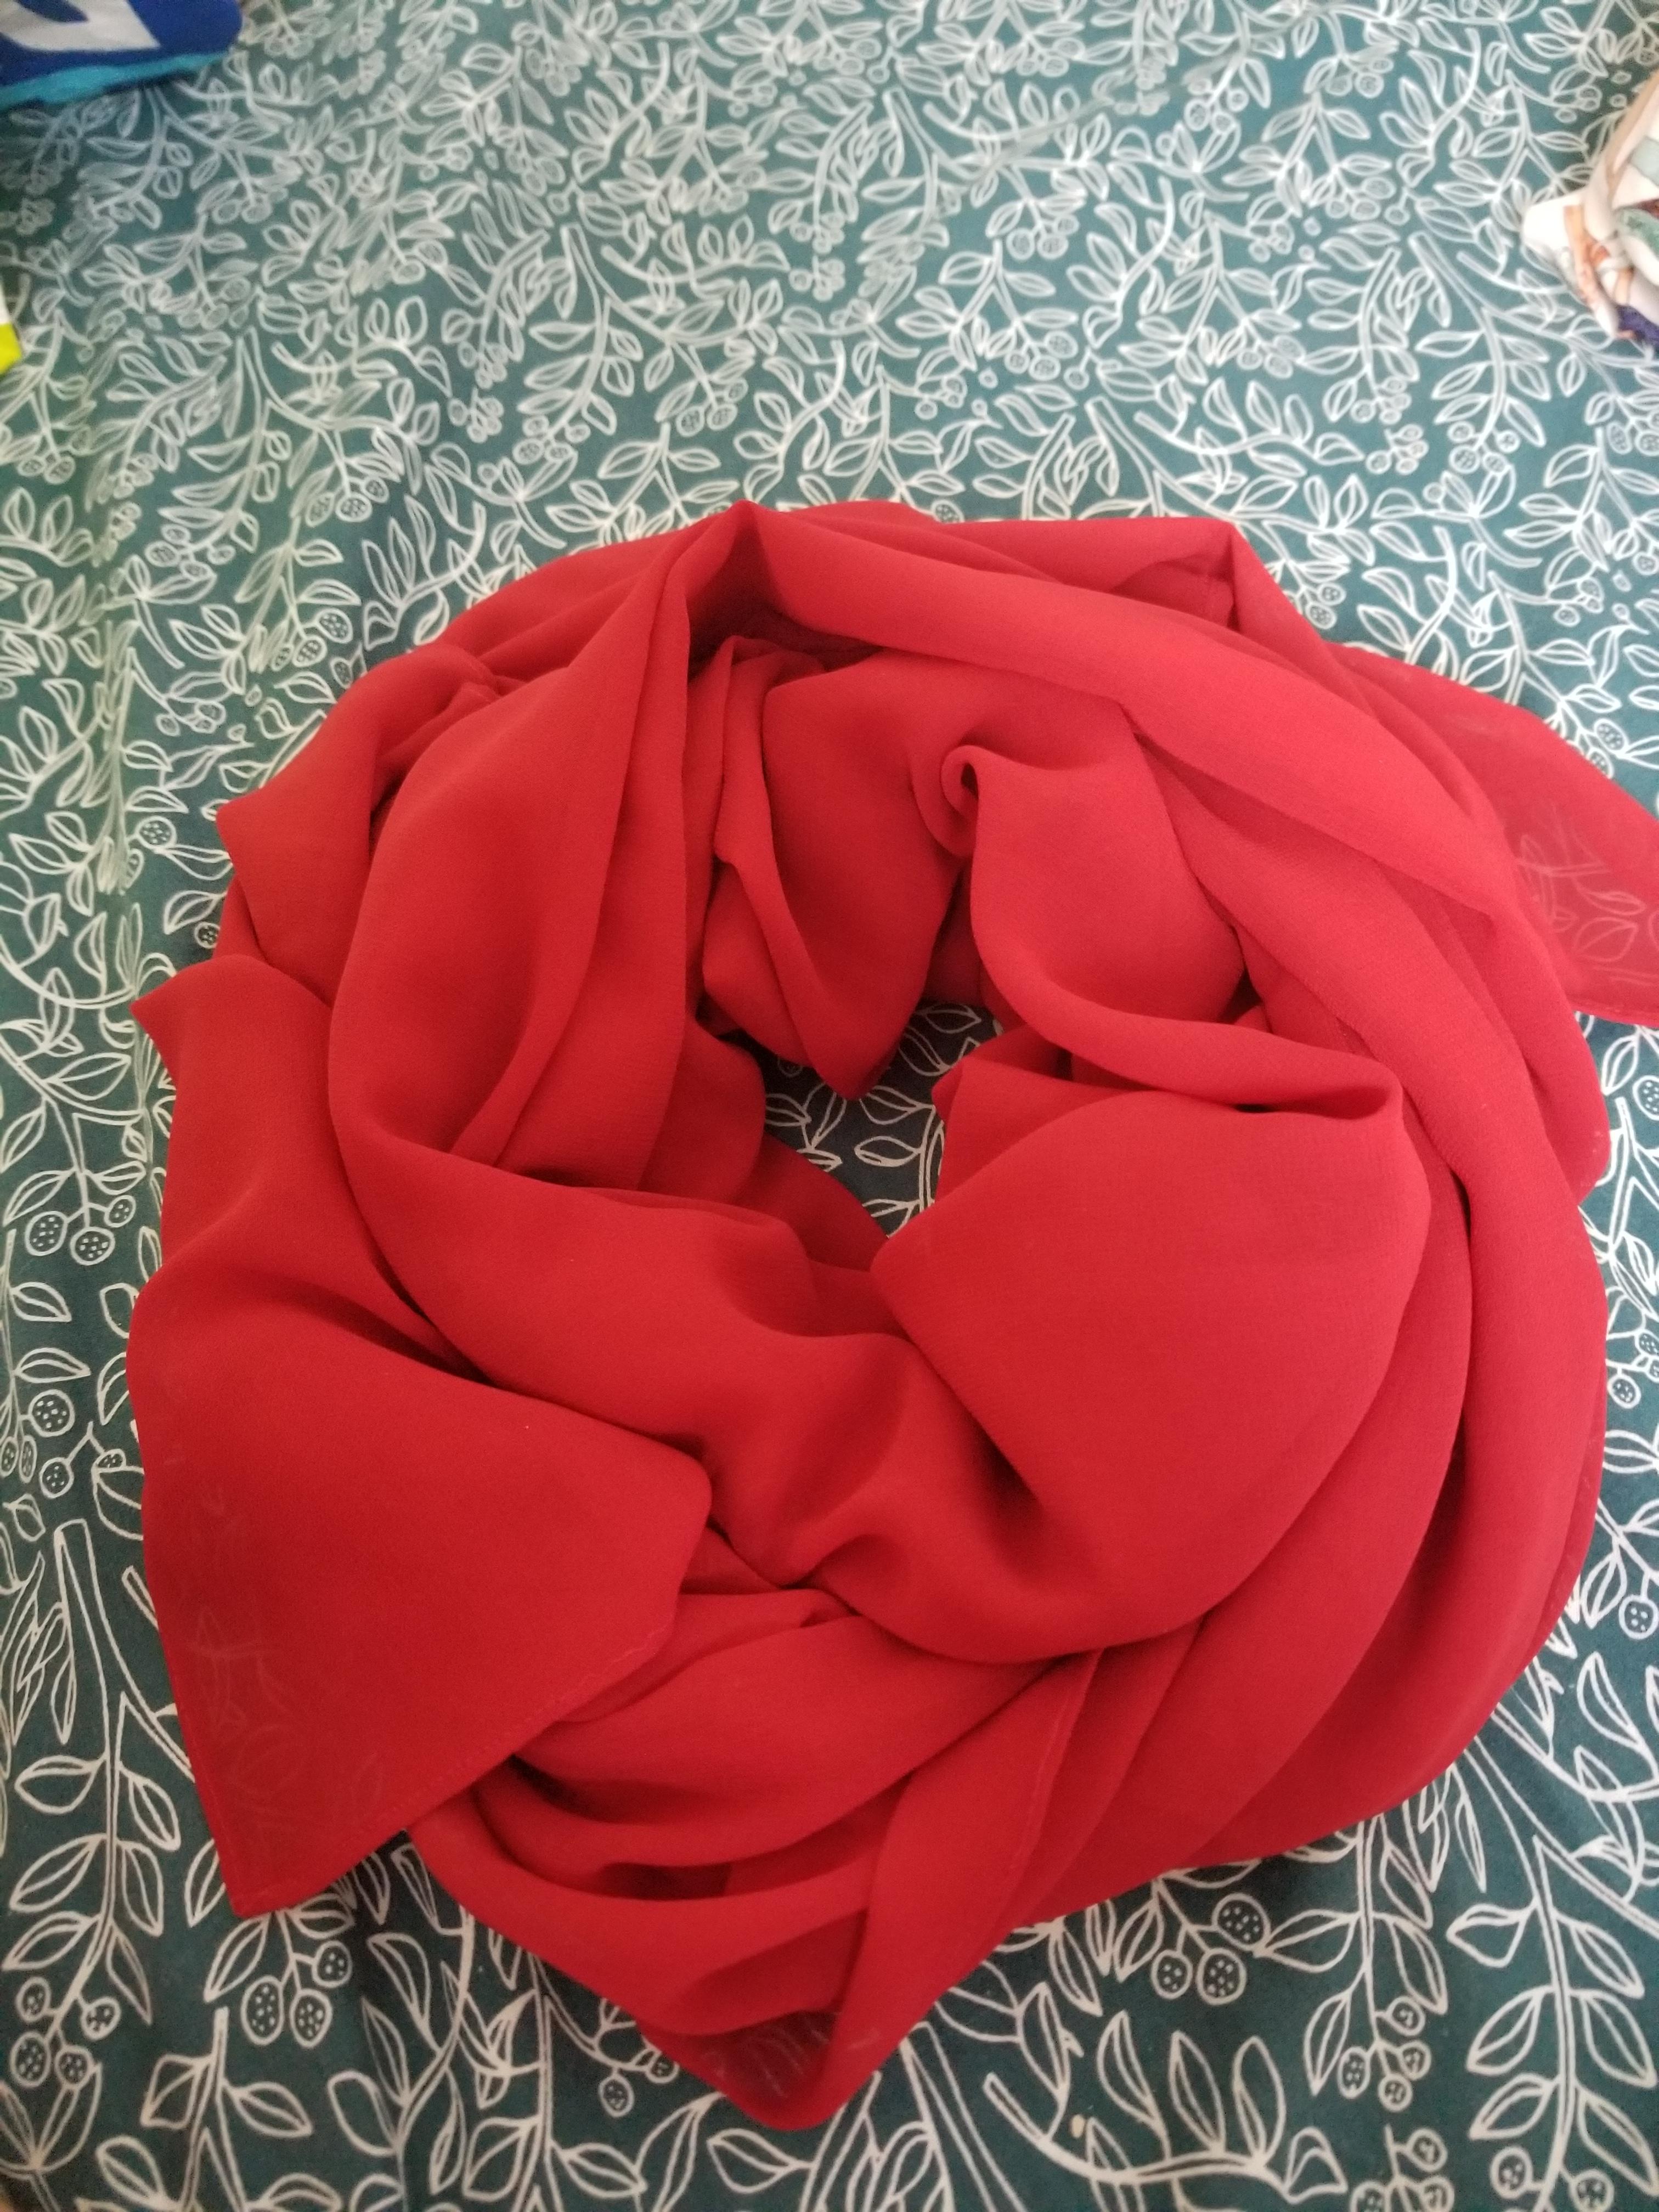 troc de troc foulard rouge. image 0